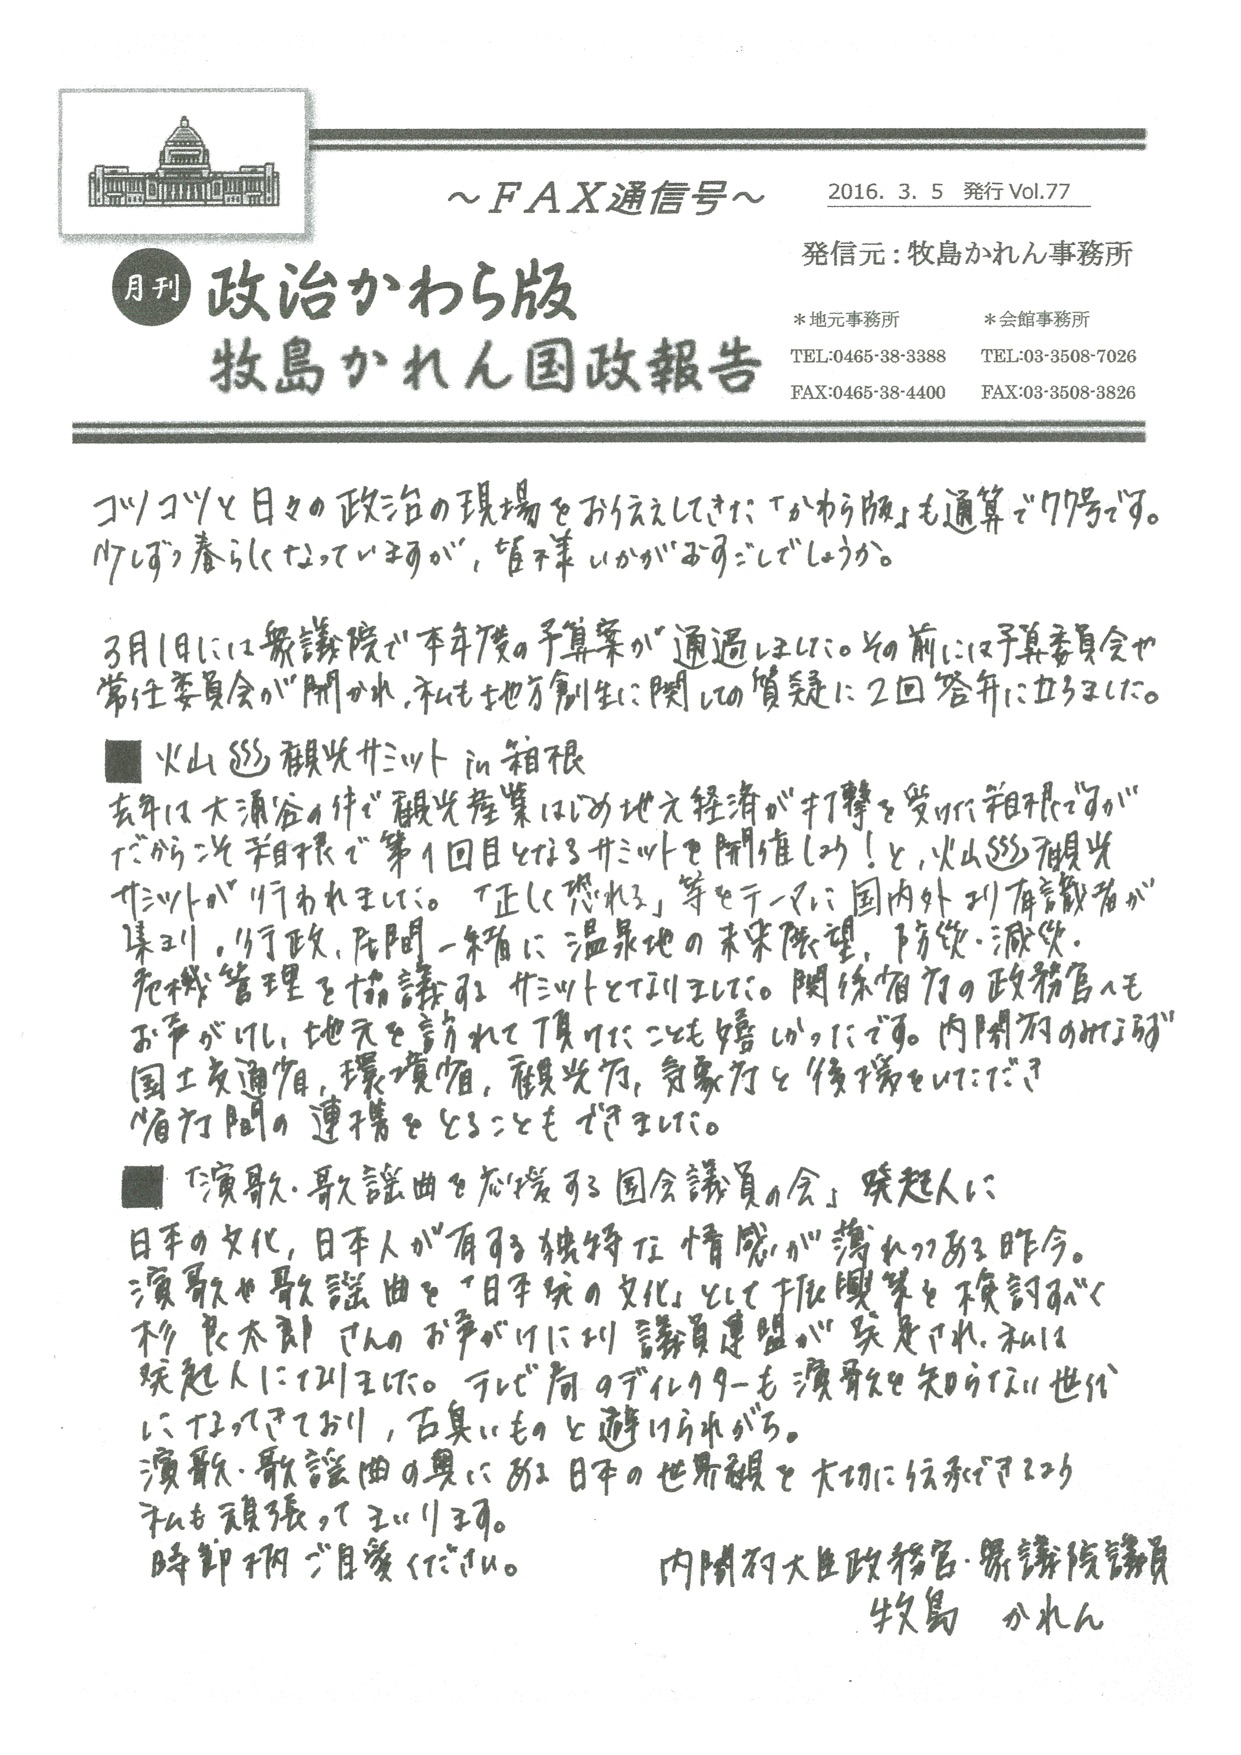 牧島かれん 政治かわら版3月号 Vol.77